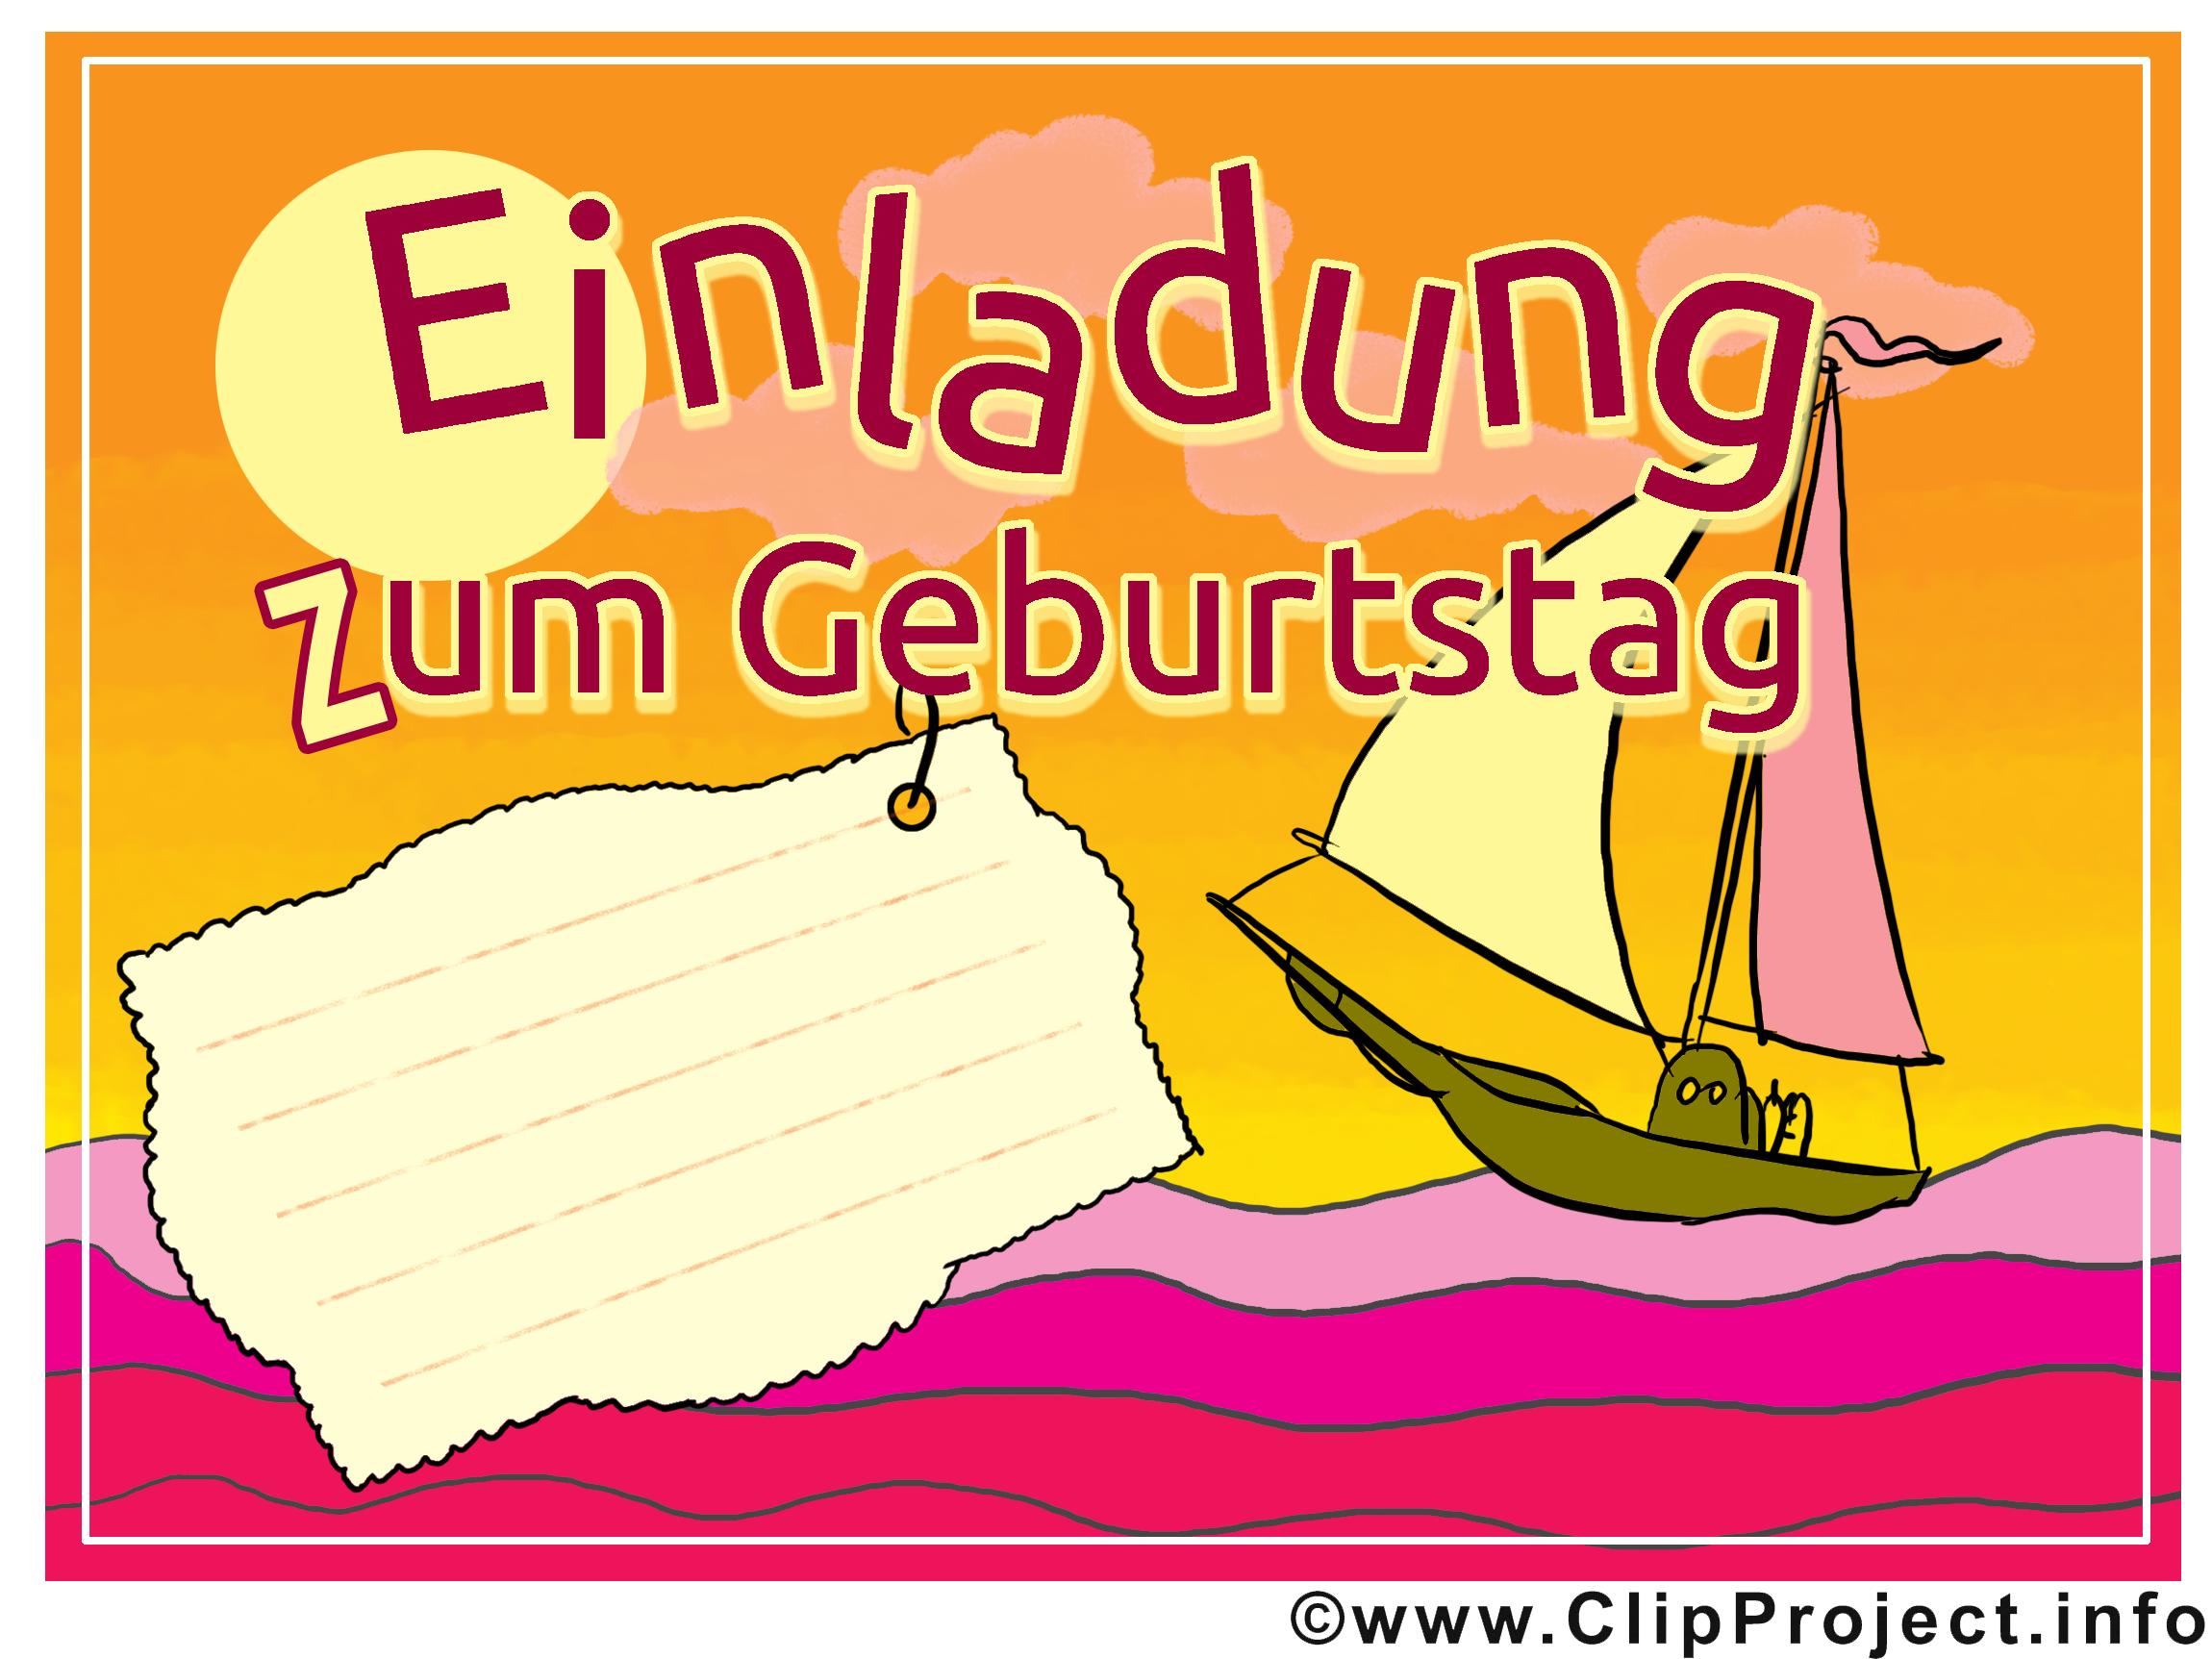 Navire dessins gratuits - Invitation clipart